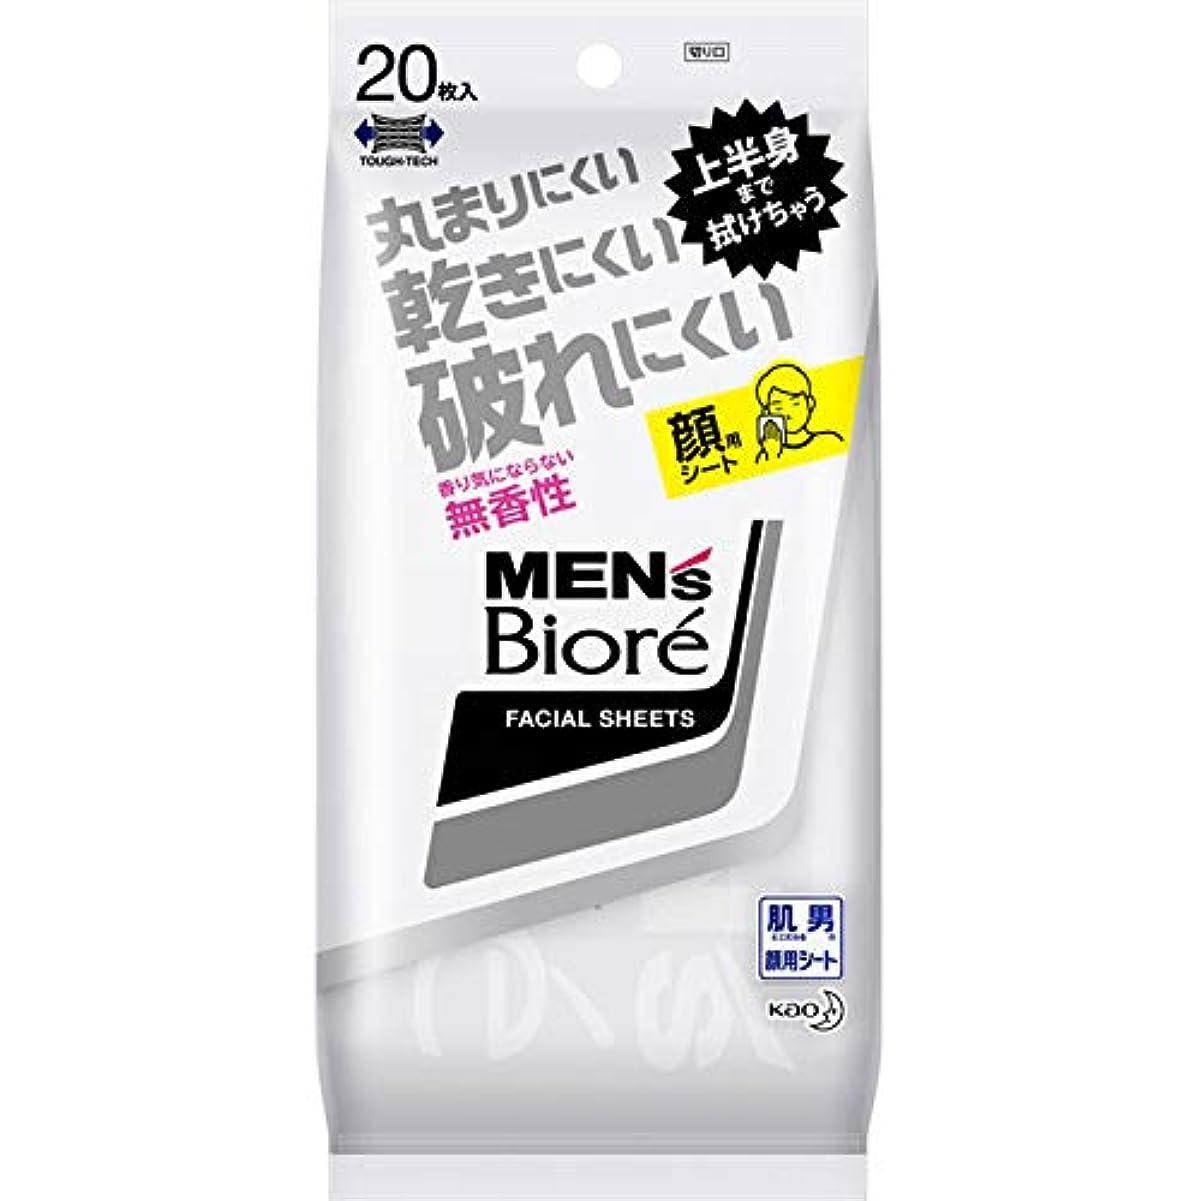 軍隊タービン可能にする花王 メンズビオレ 洗顔シート 香り気にならない無香性 携帯用 (20枚入) ビオレ フェイスシート